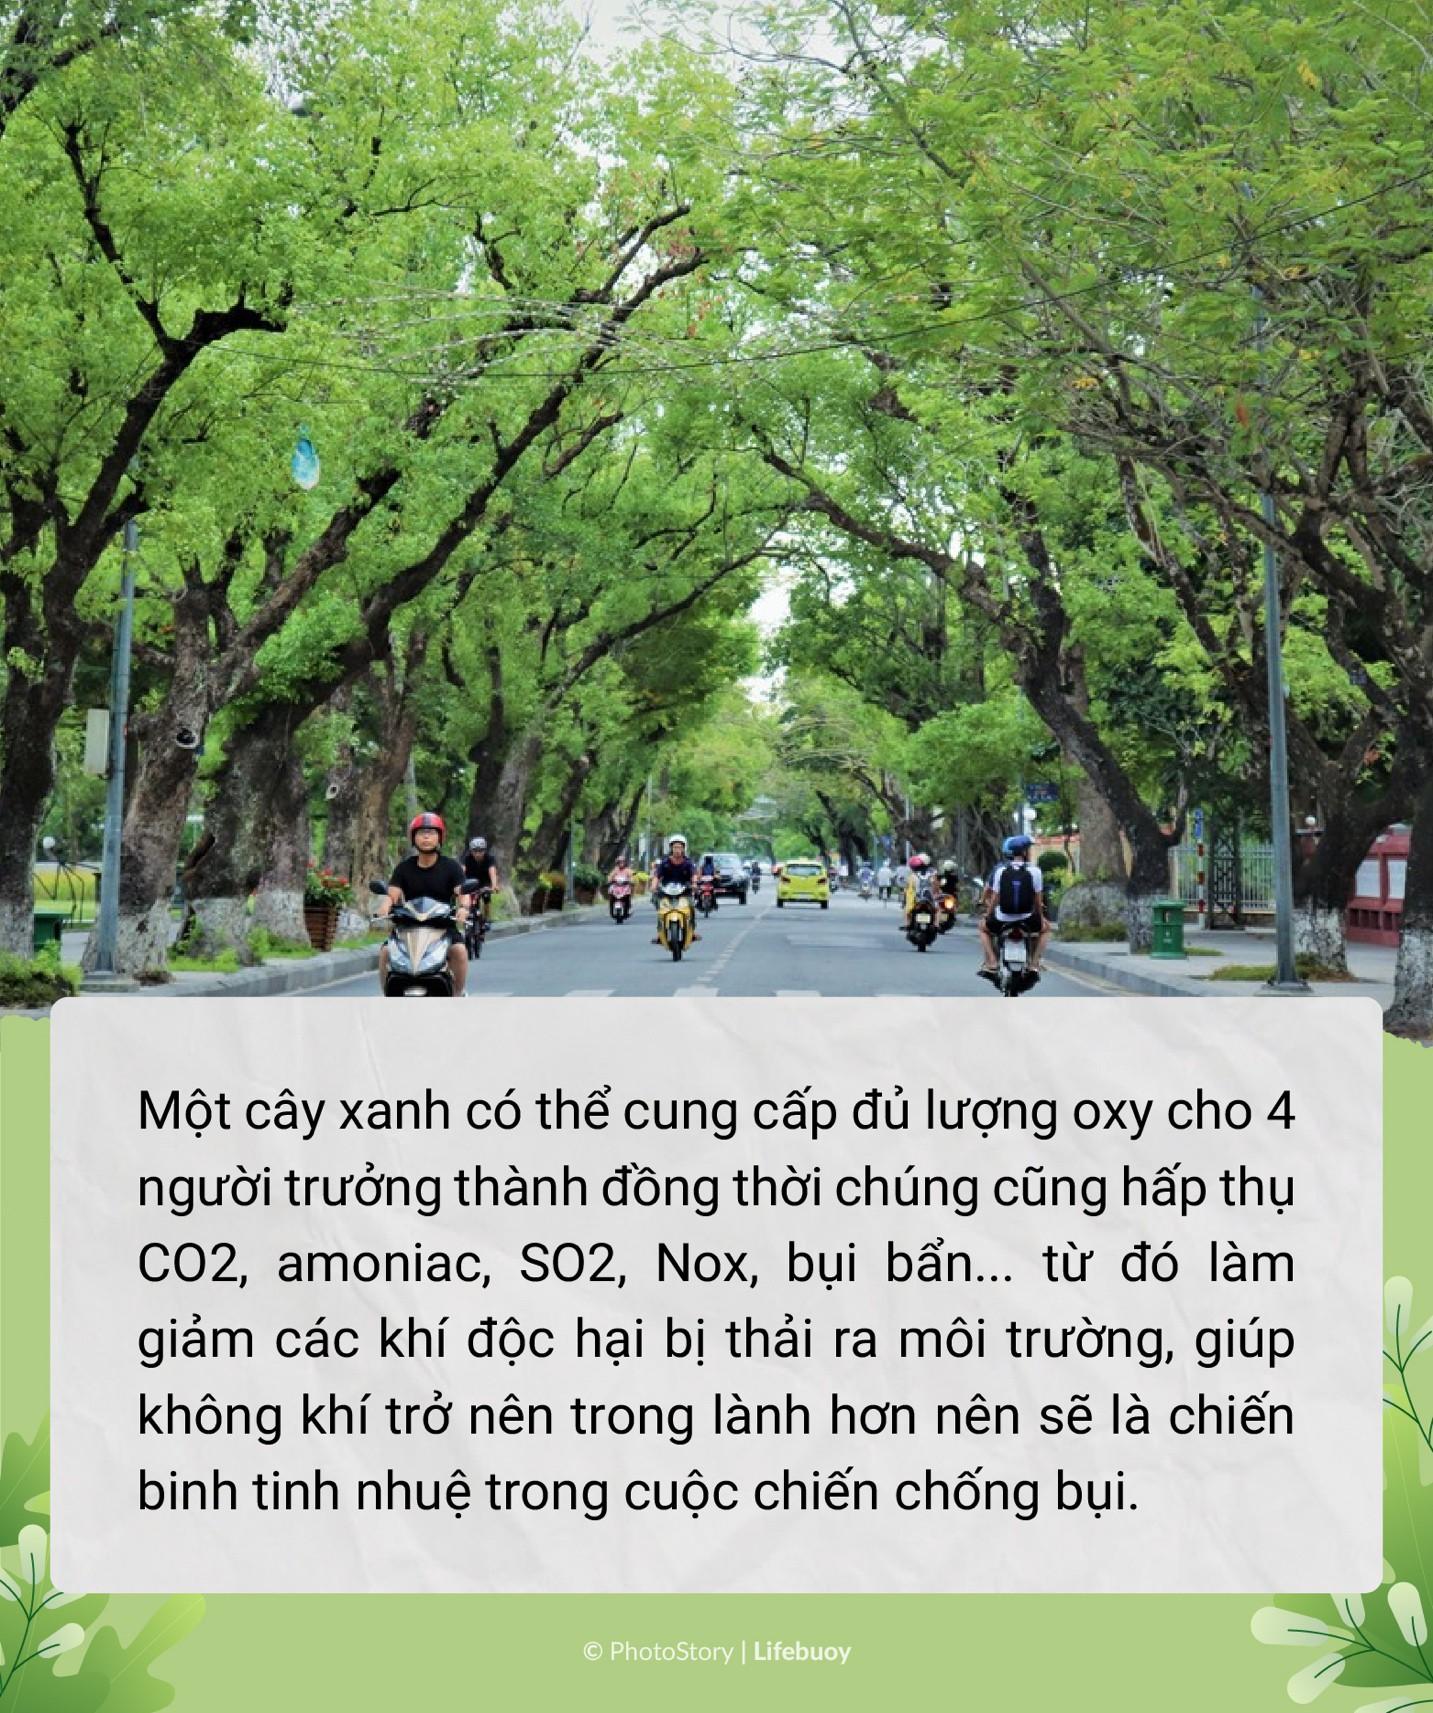 Trồng cây vây bụi mịn - Trend vì môi trường siêu hot thời điểm hiện tại - Ảnh 8.